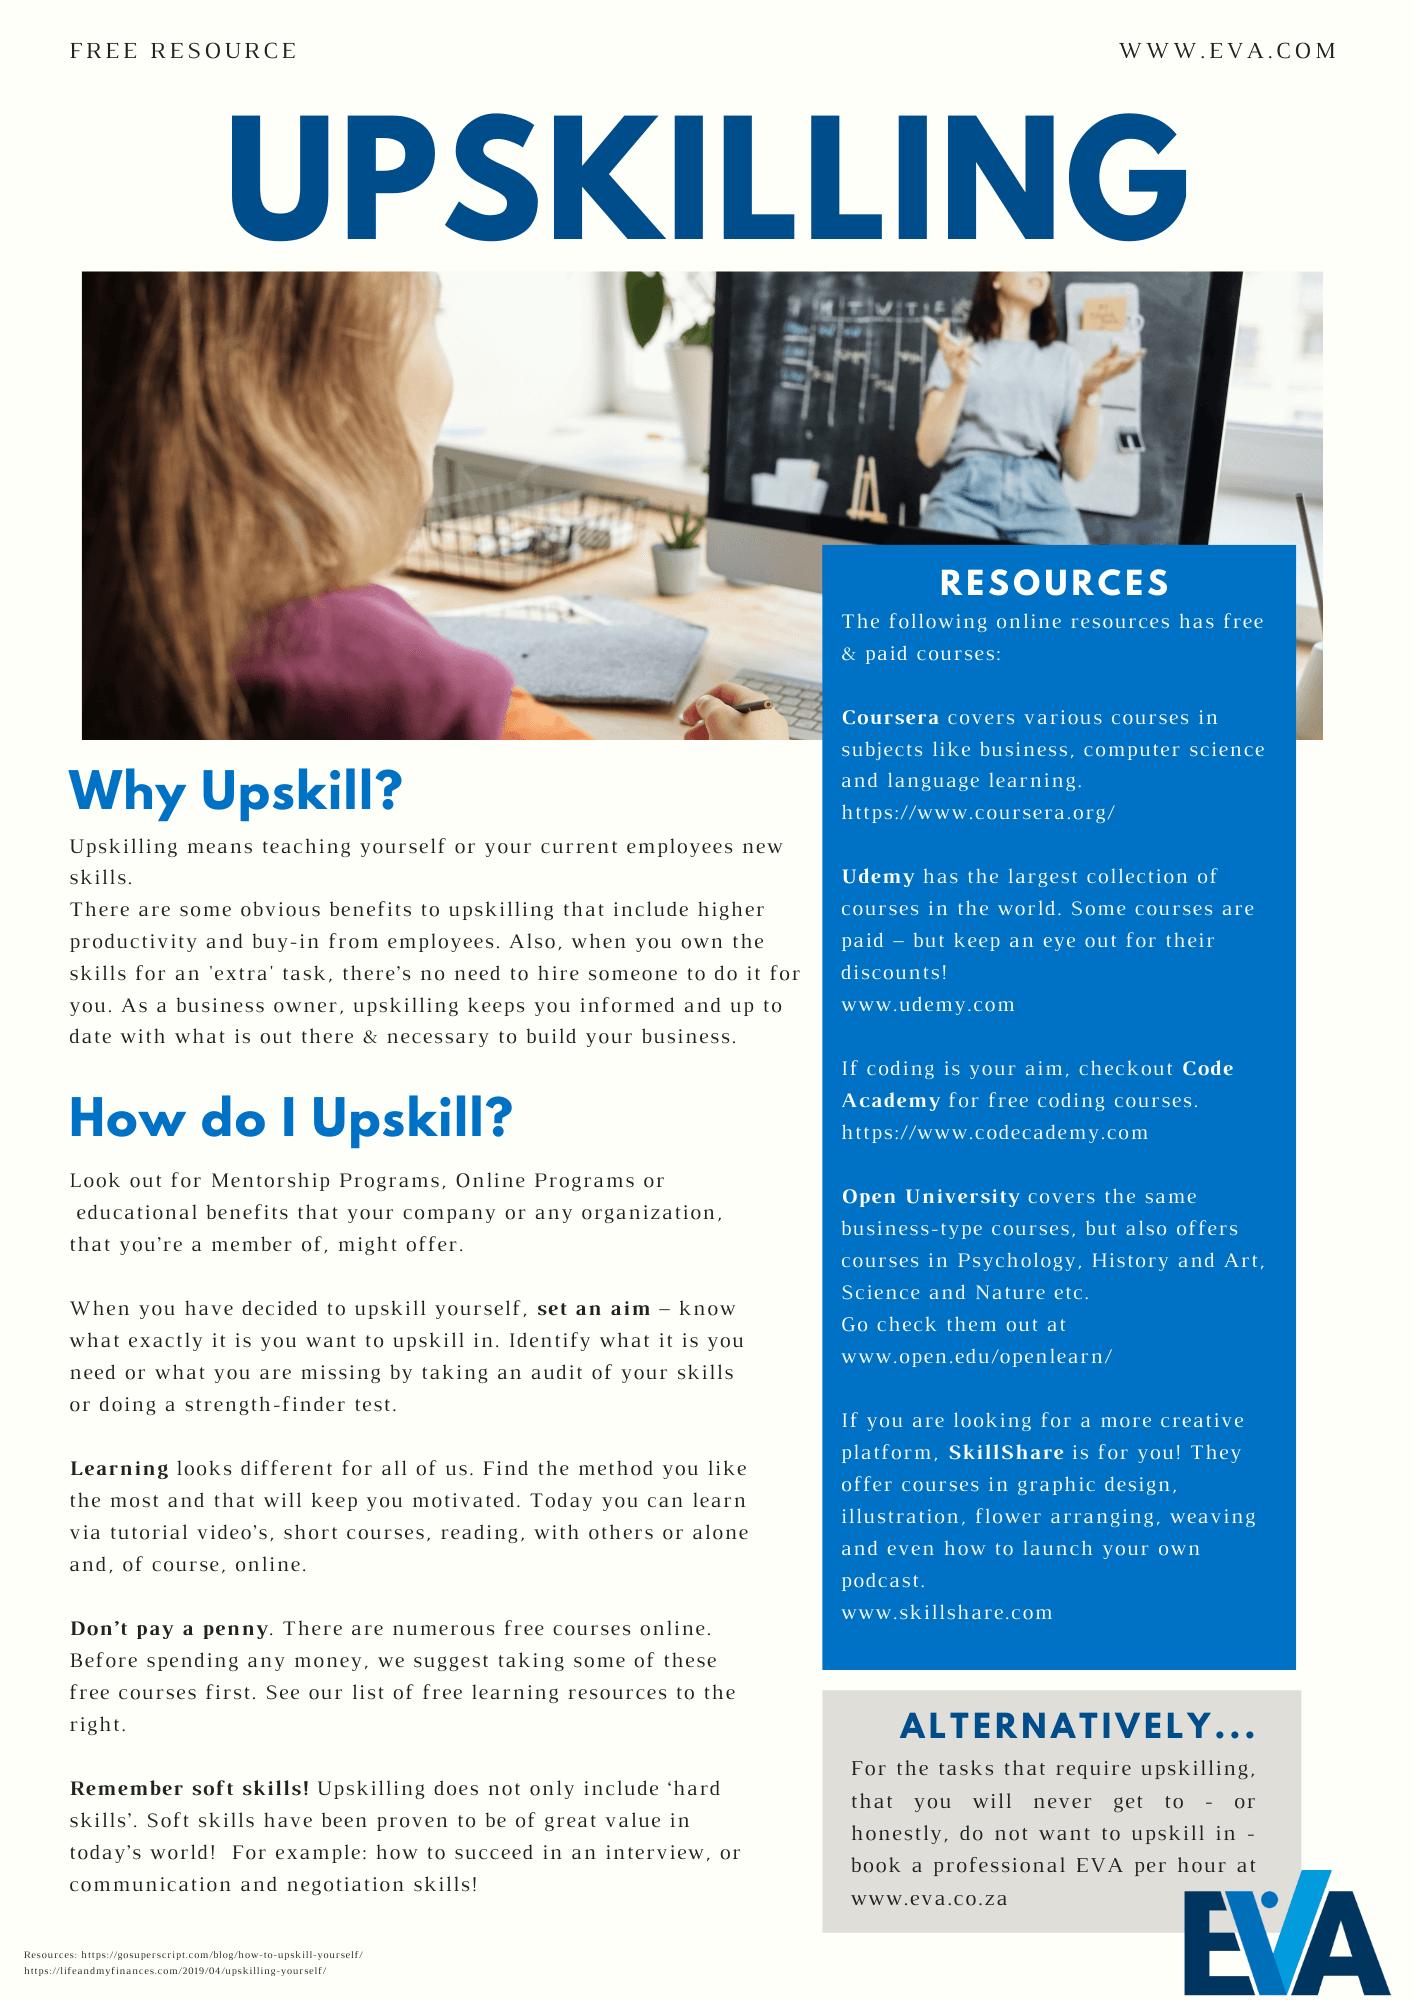 upskilling form